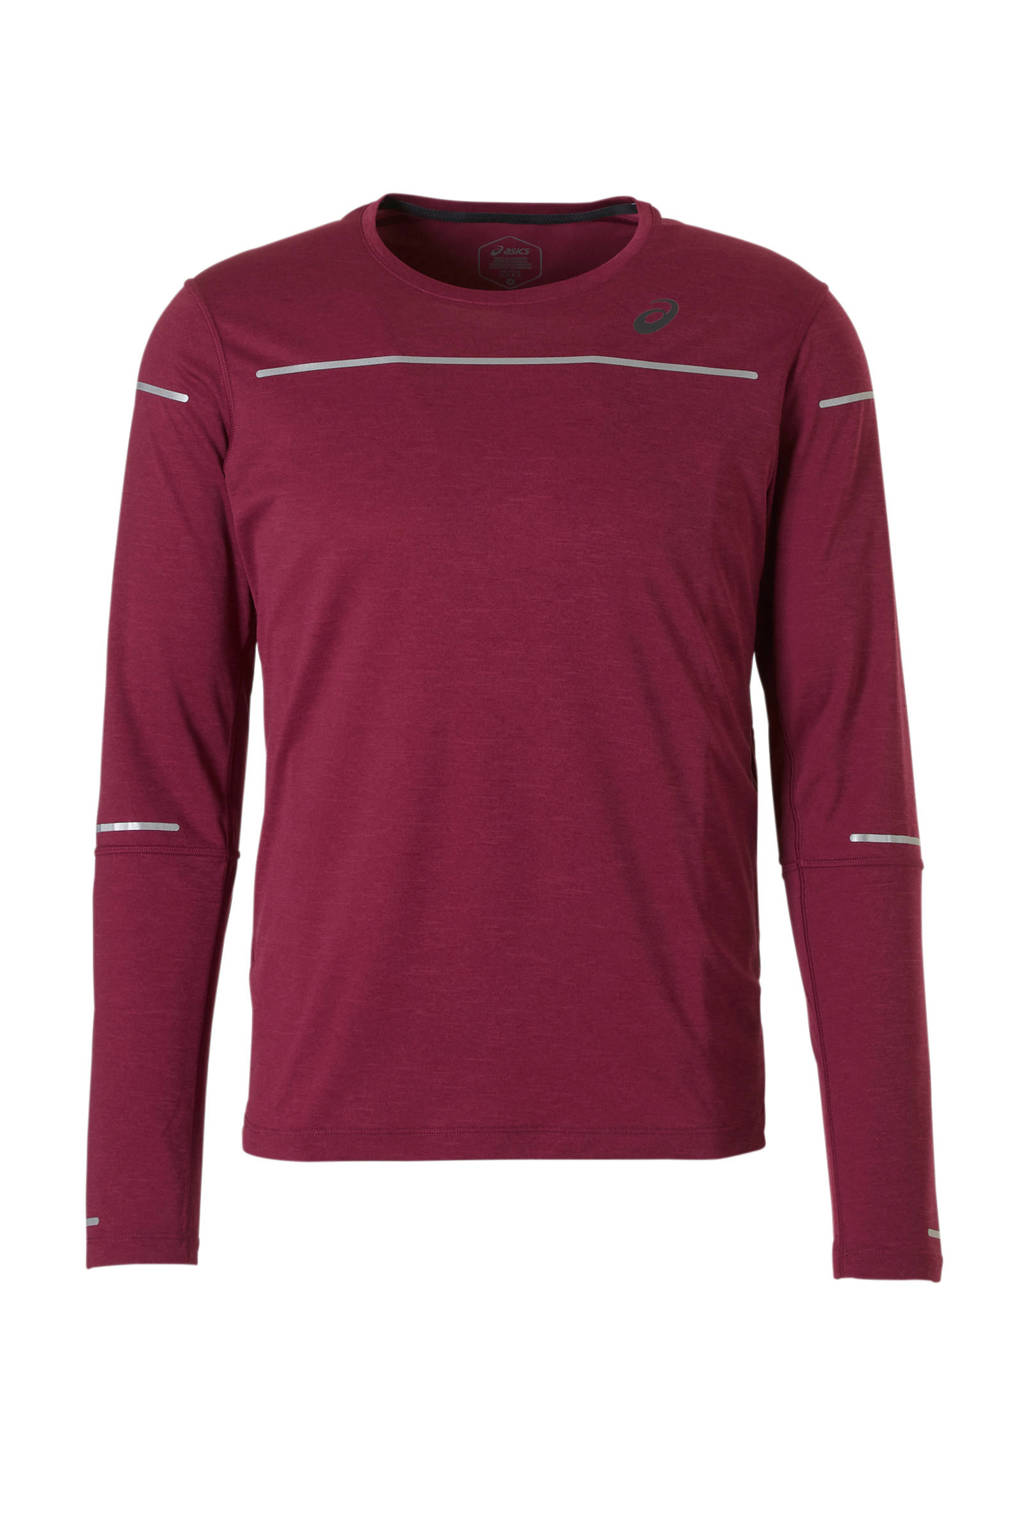 ASICS   hardloop T-shirt rood, Rood